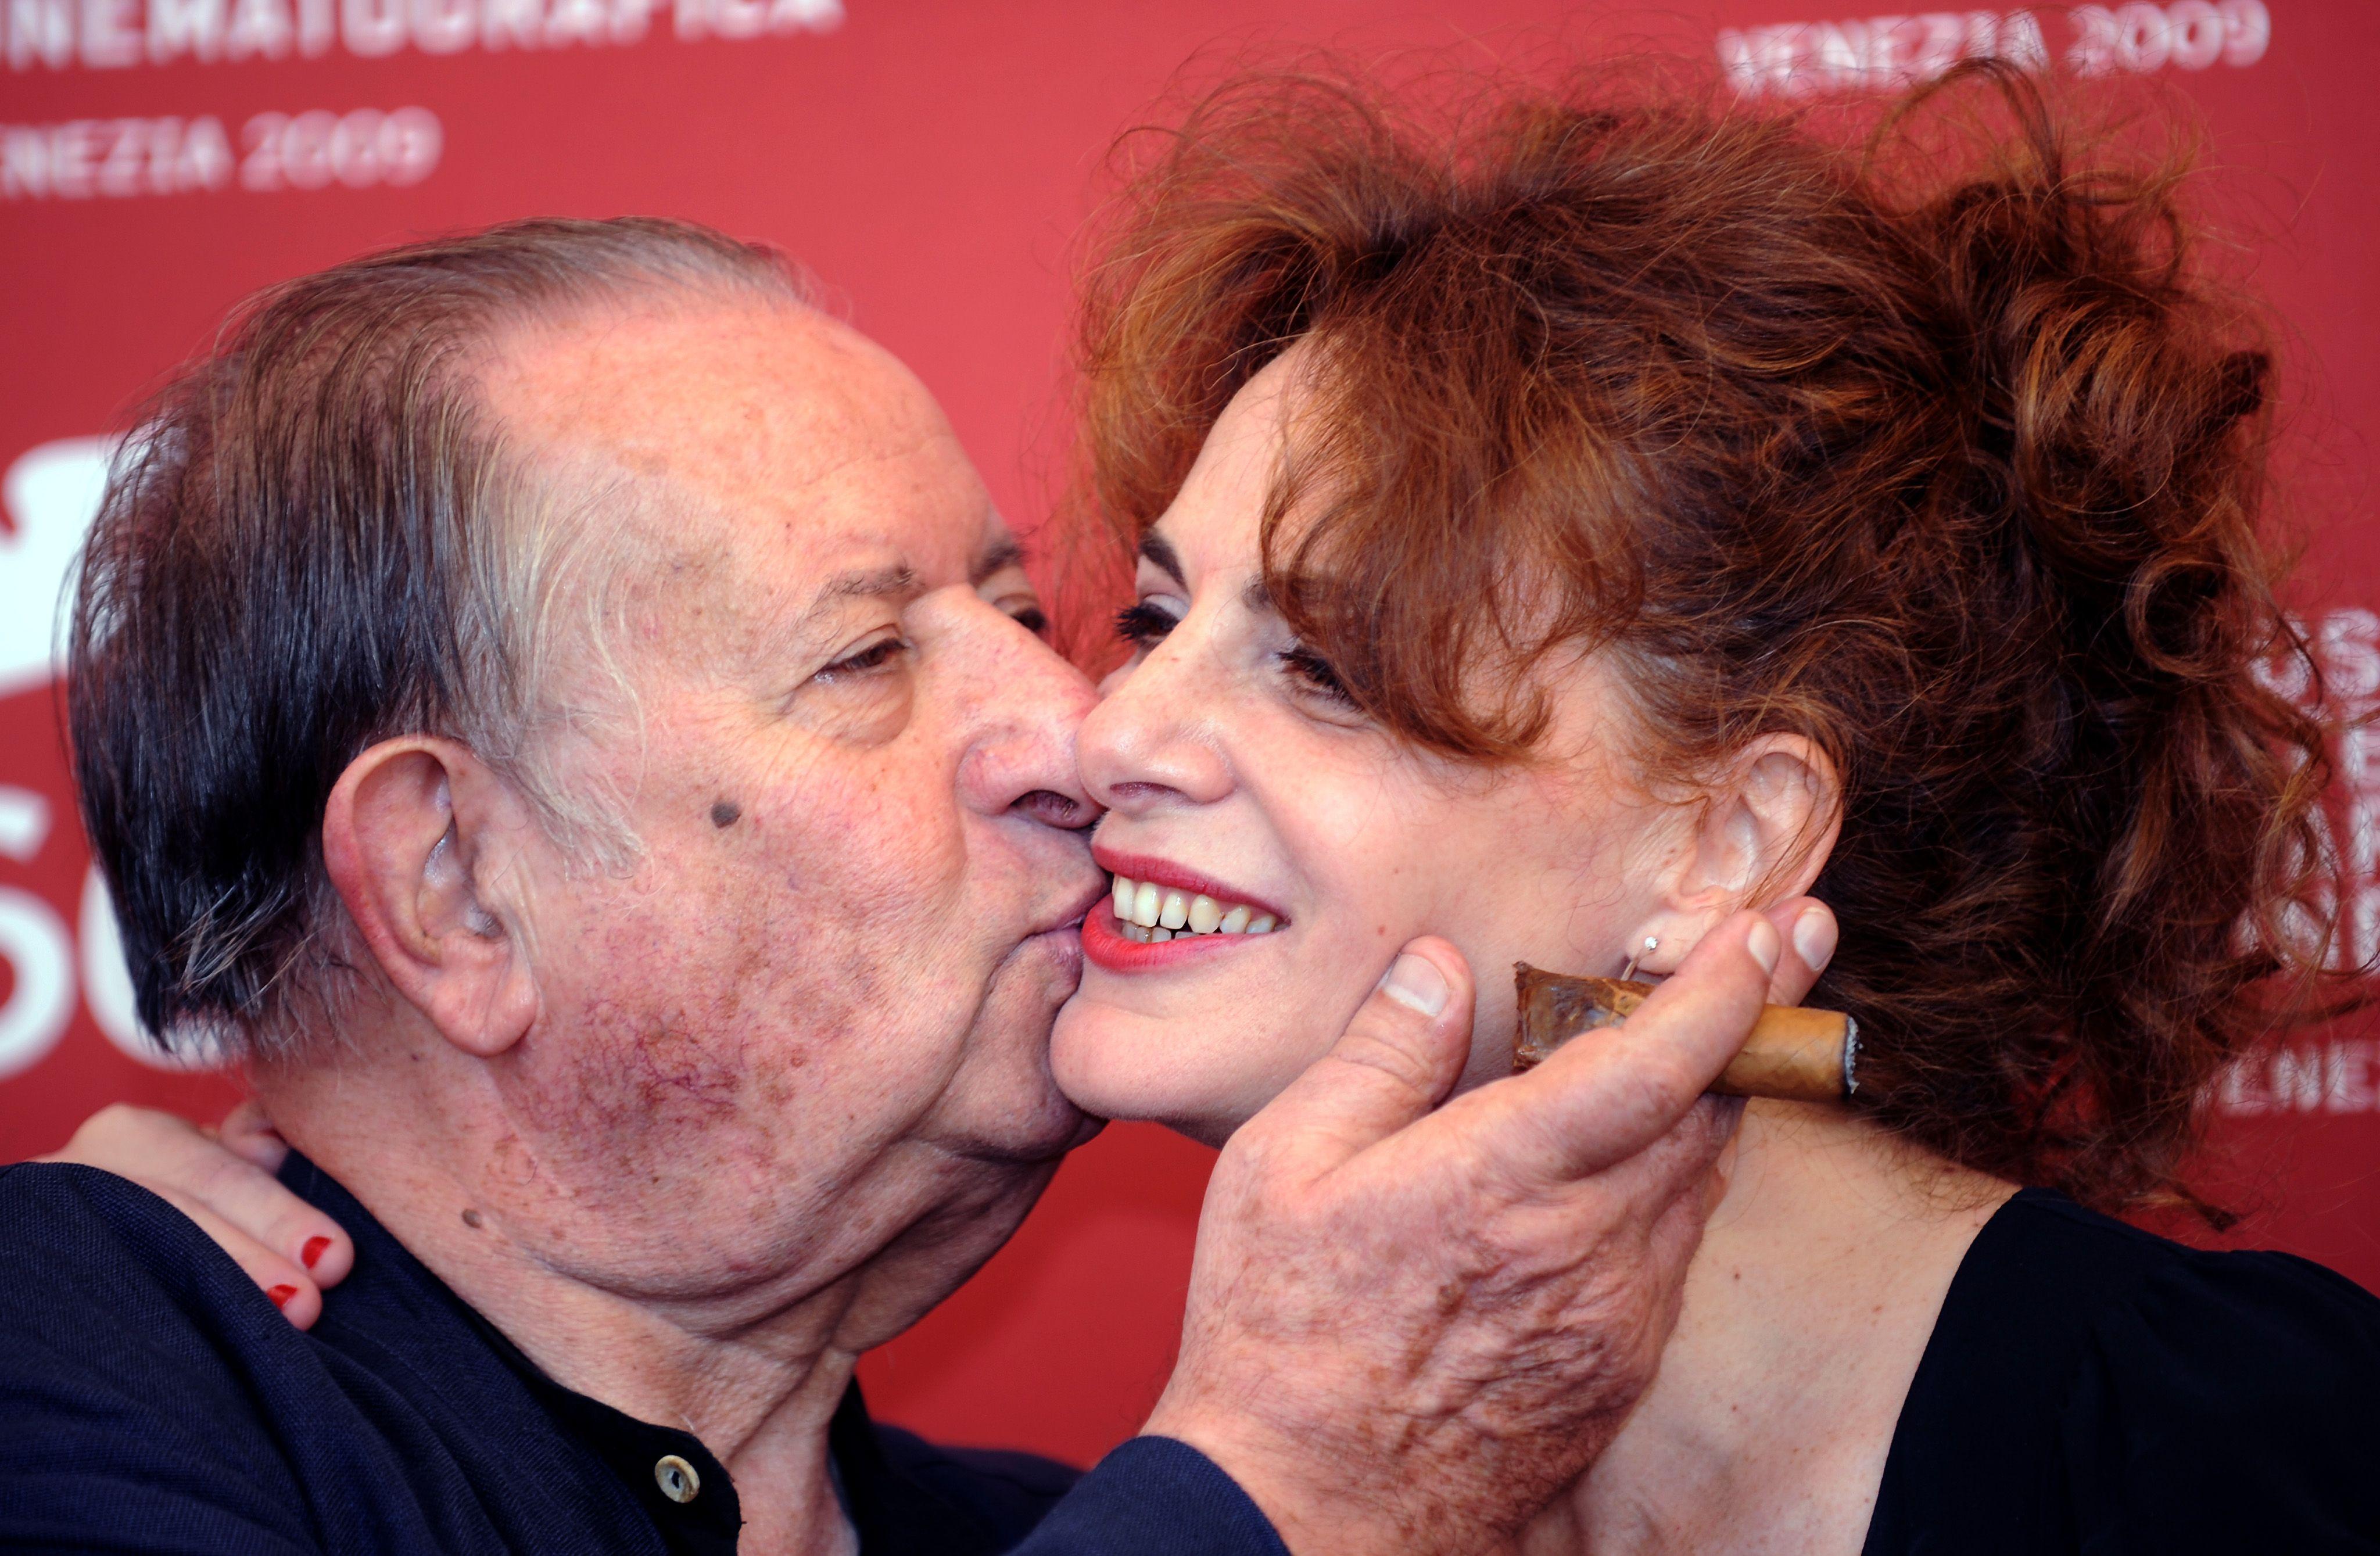 Tinto Brass si sposa a 84 anni: 'Sarà la felice conclusione della mia esistenza'